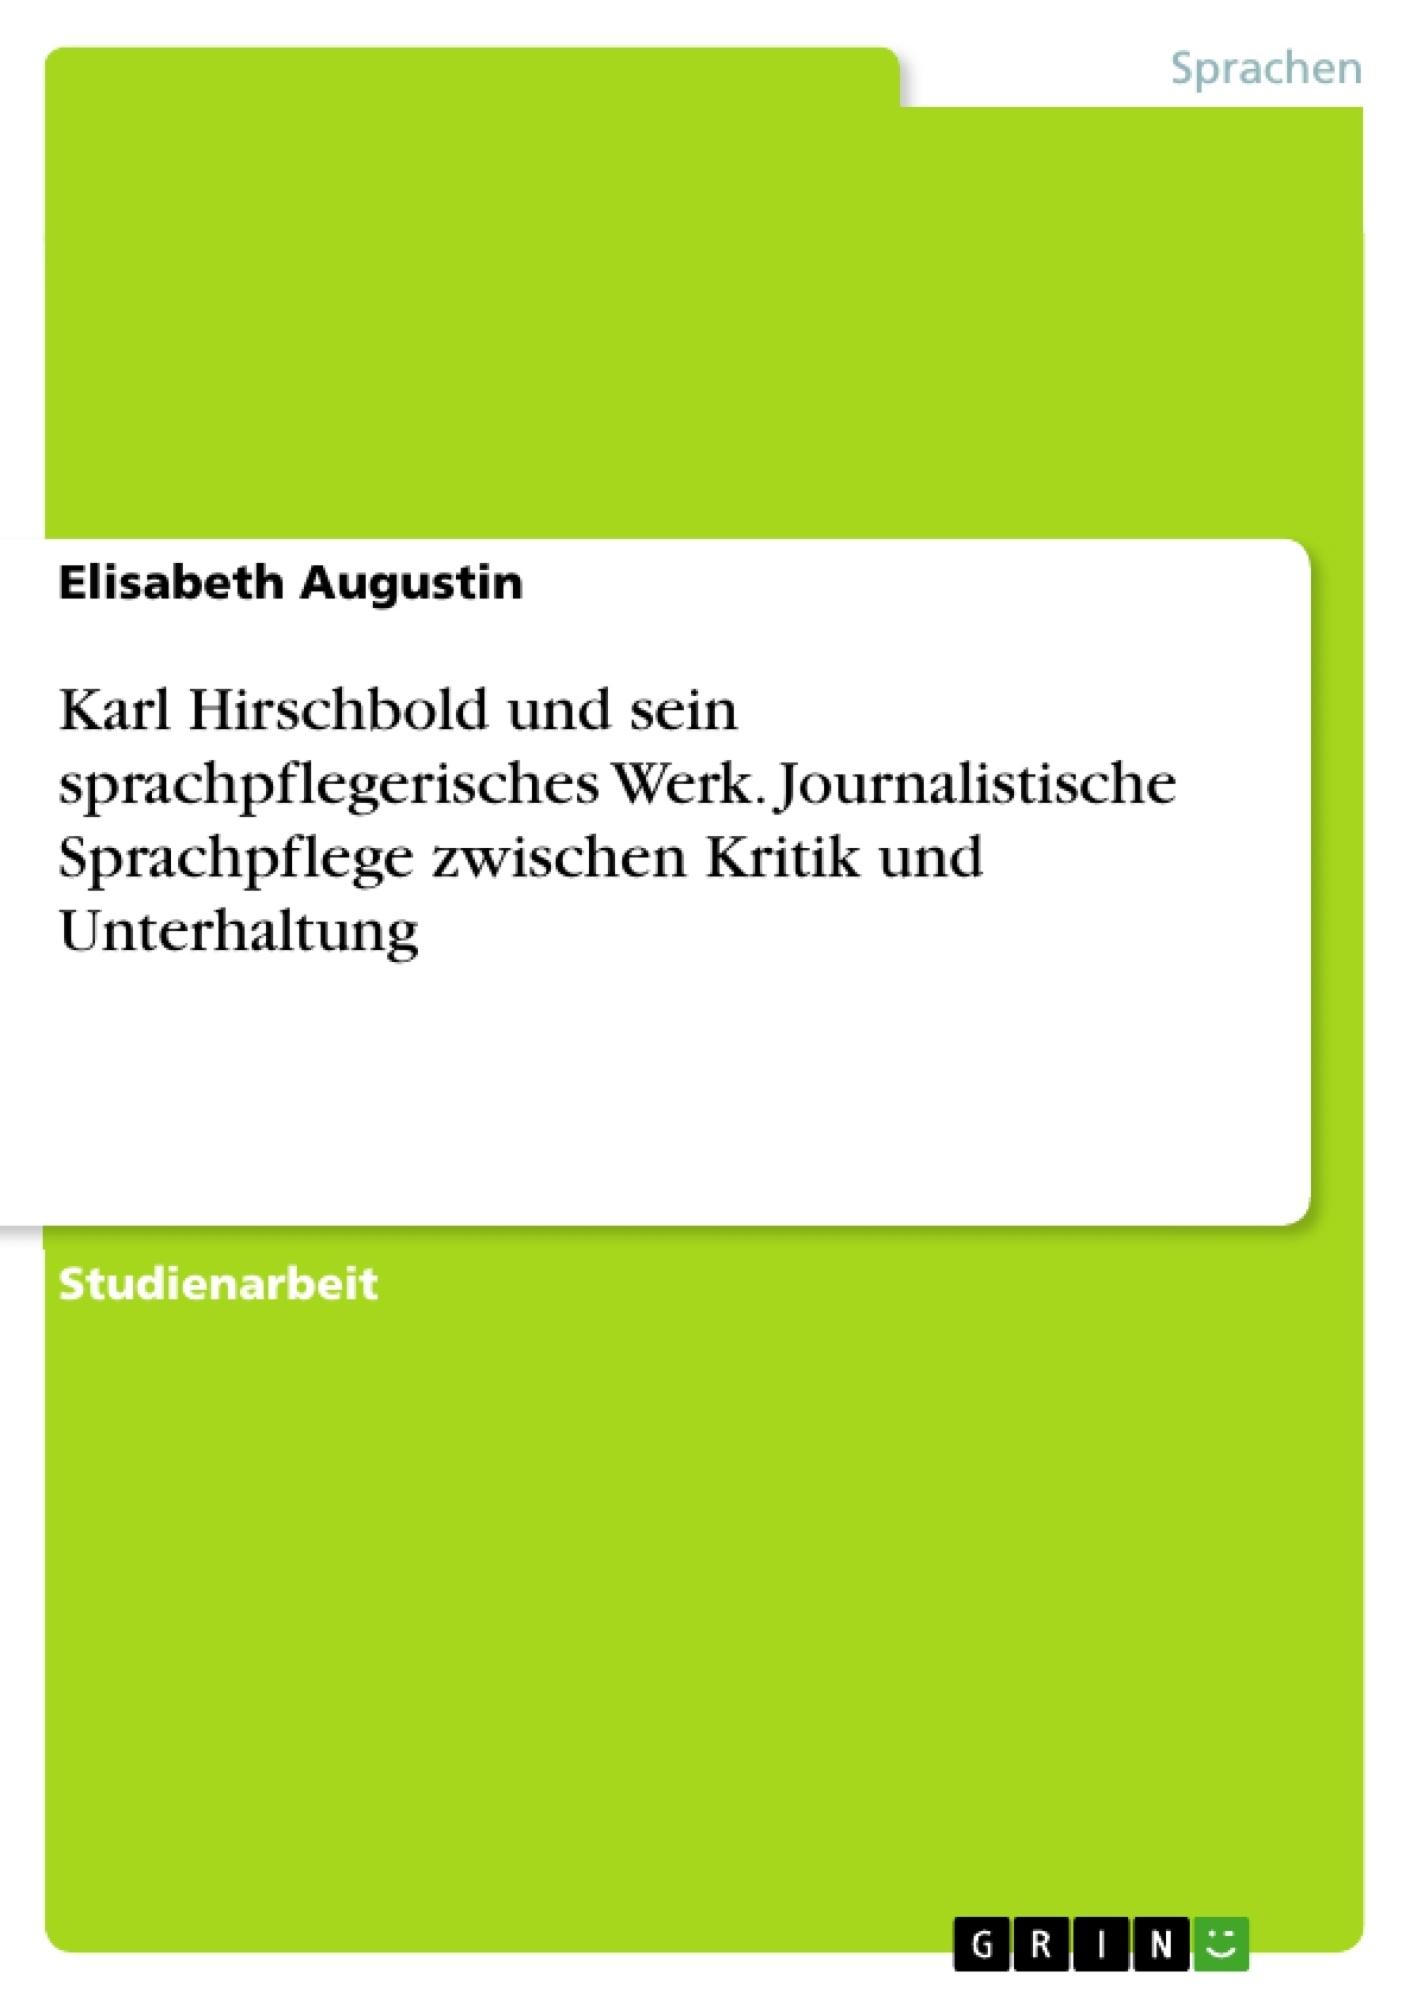 Titel: Karl Hirschbold und sein sprachpflegerisches Werk. Journalistische Sprachpflege zwischen Kritik und Unterhaltung